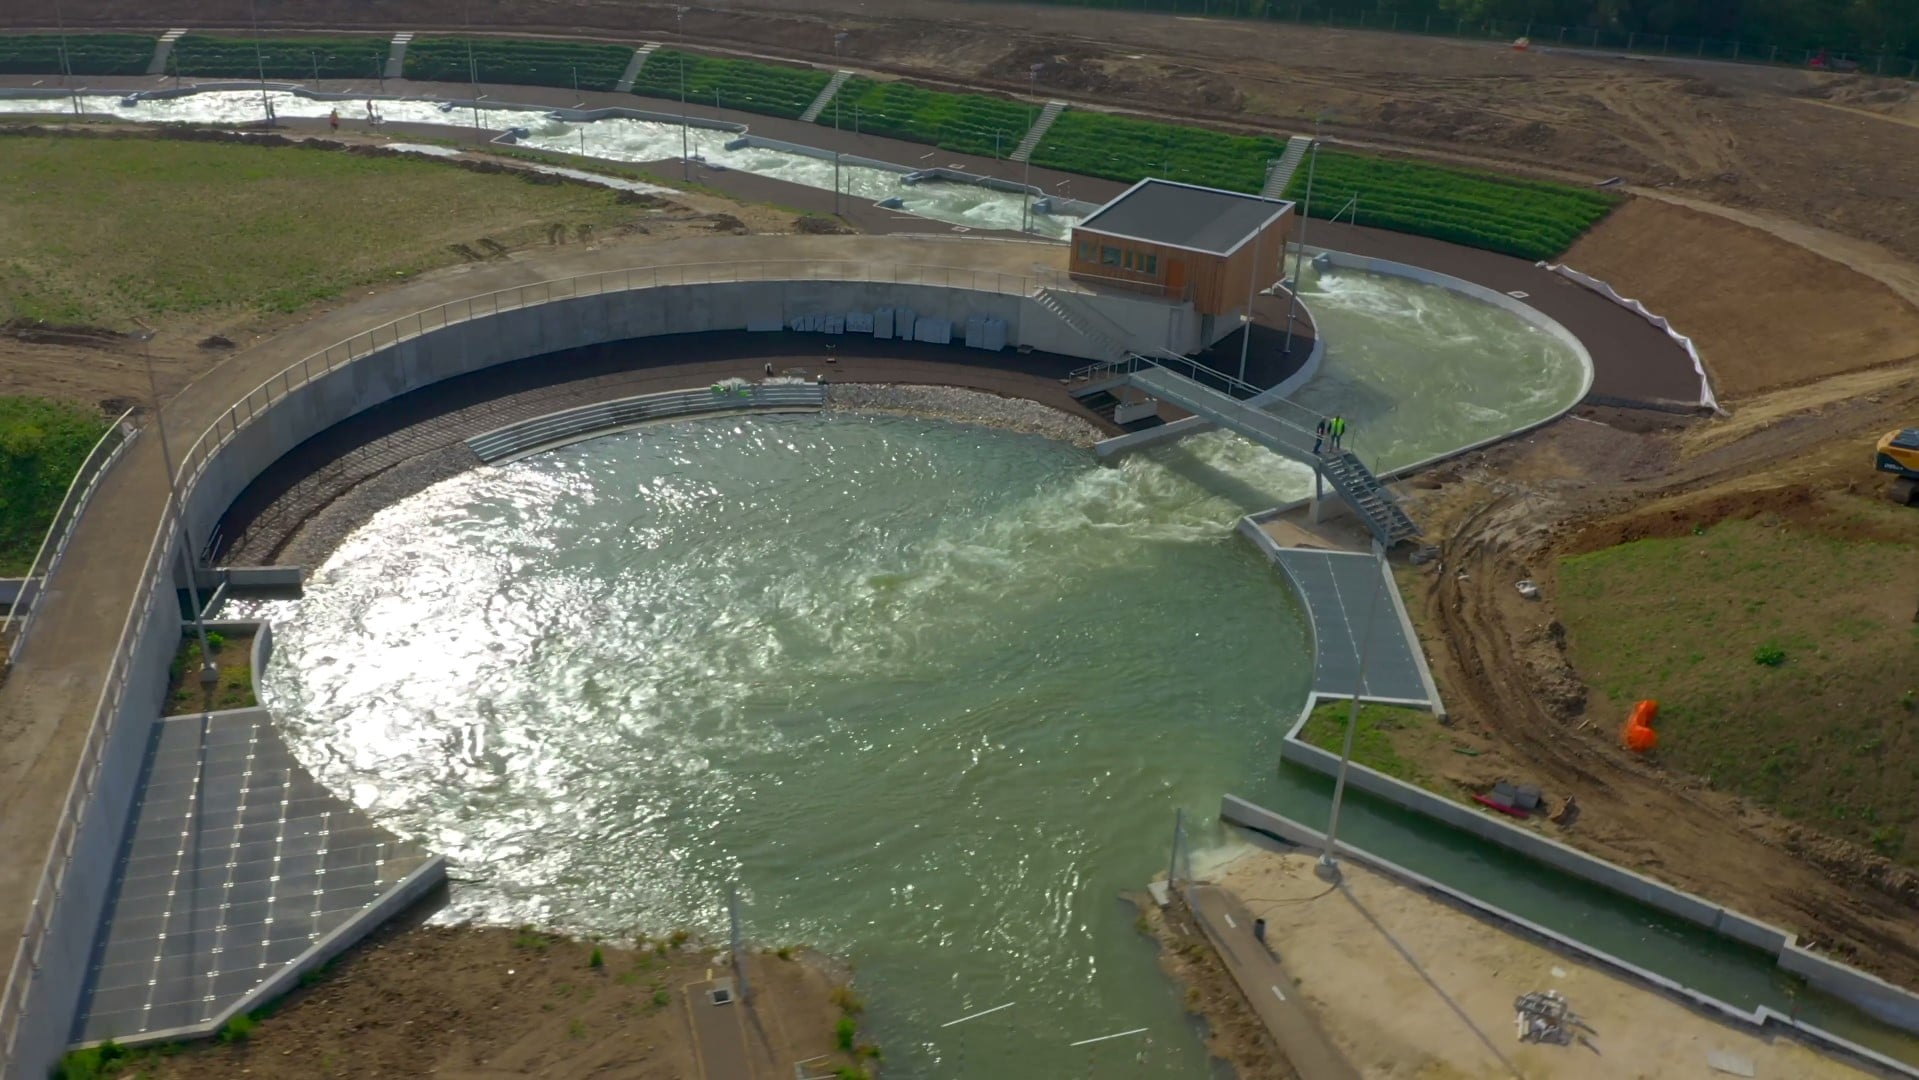 L'expertise hydraulique d'OSI Lacq déployée sur des installations des JO 2024